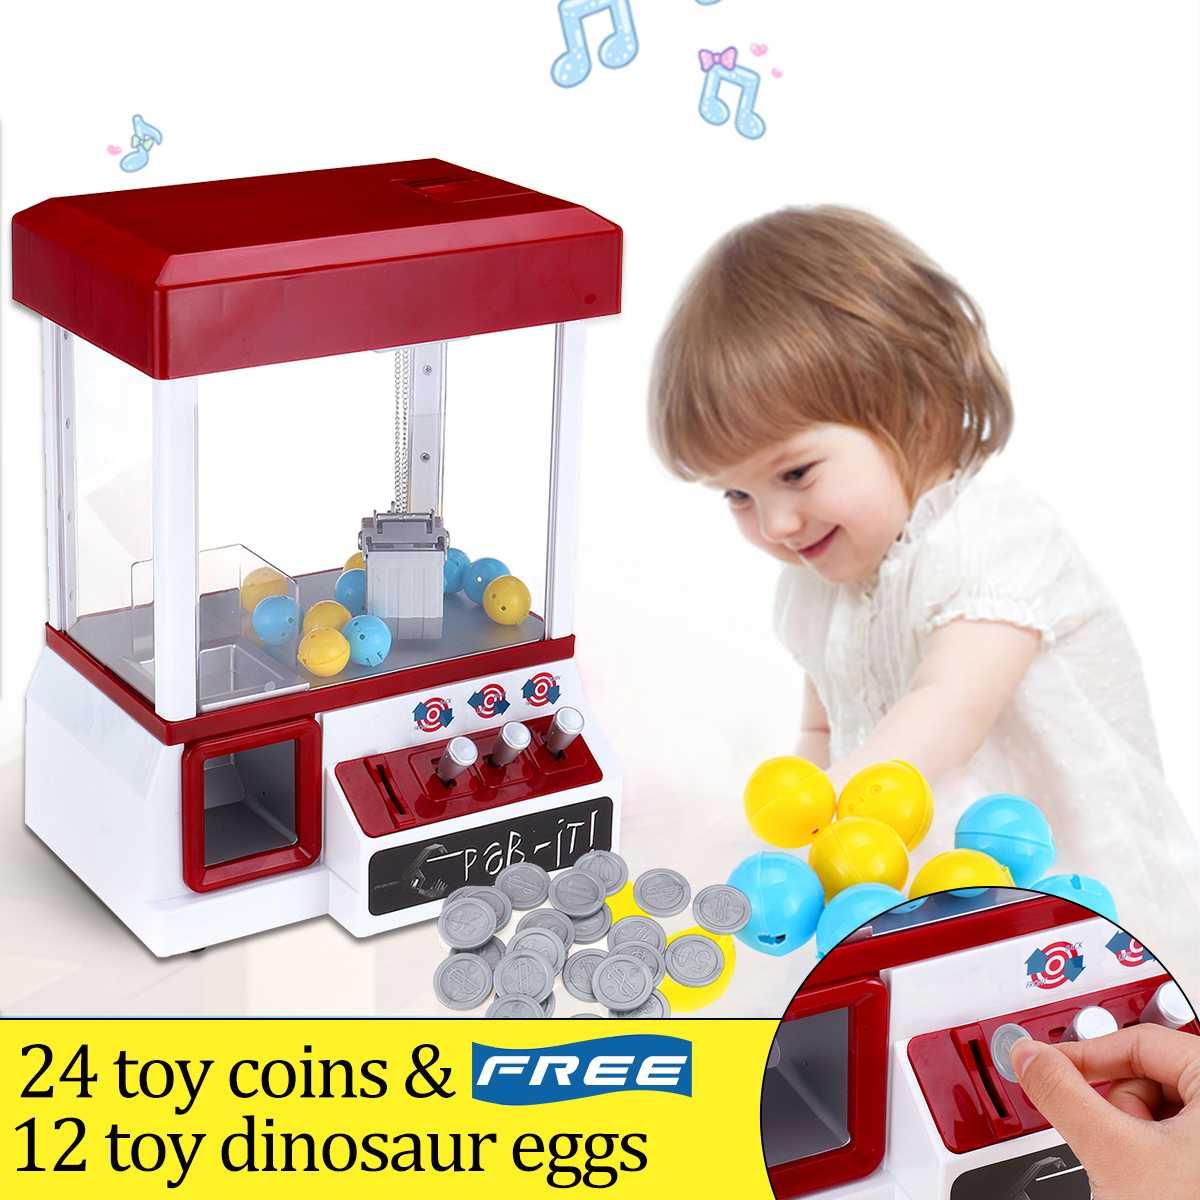 Plástico abs portátil máquina grabber de doces arcada brinquedo motorizado garra jogo crianças divertido guindaste gadget moeda operado entretenimento jogo